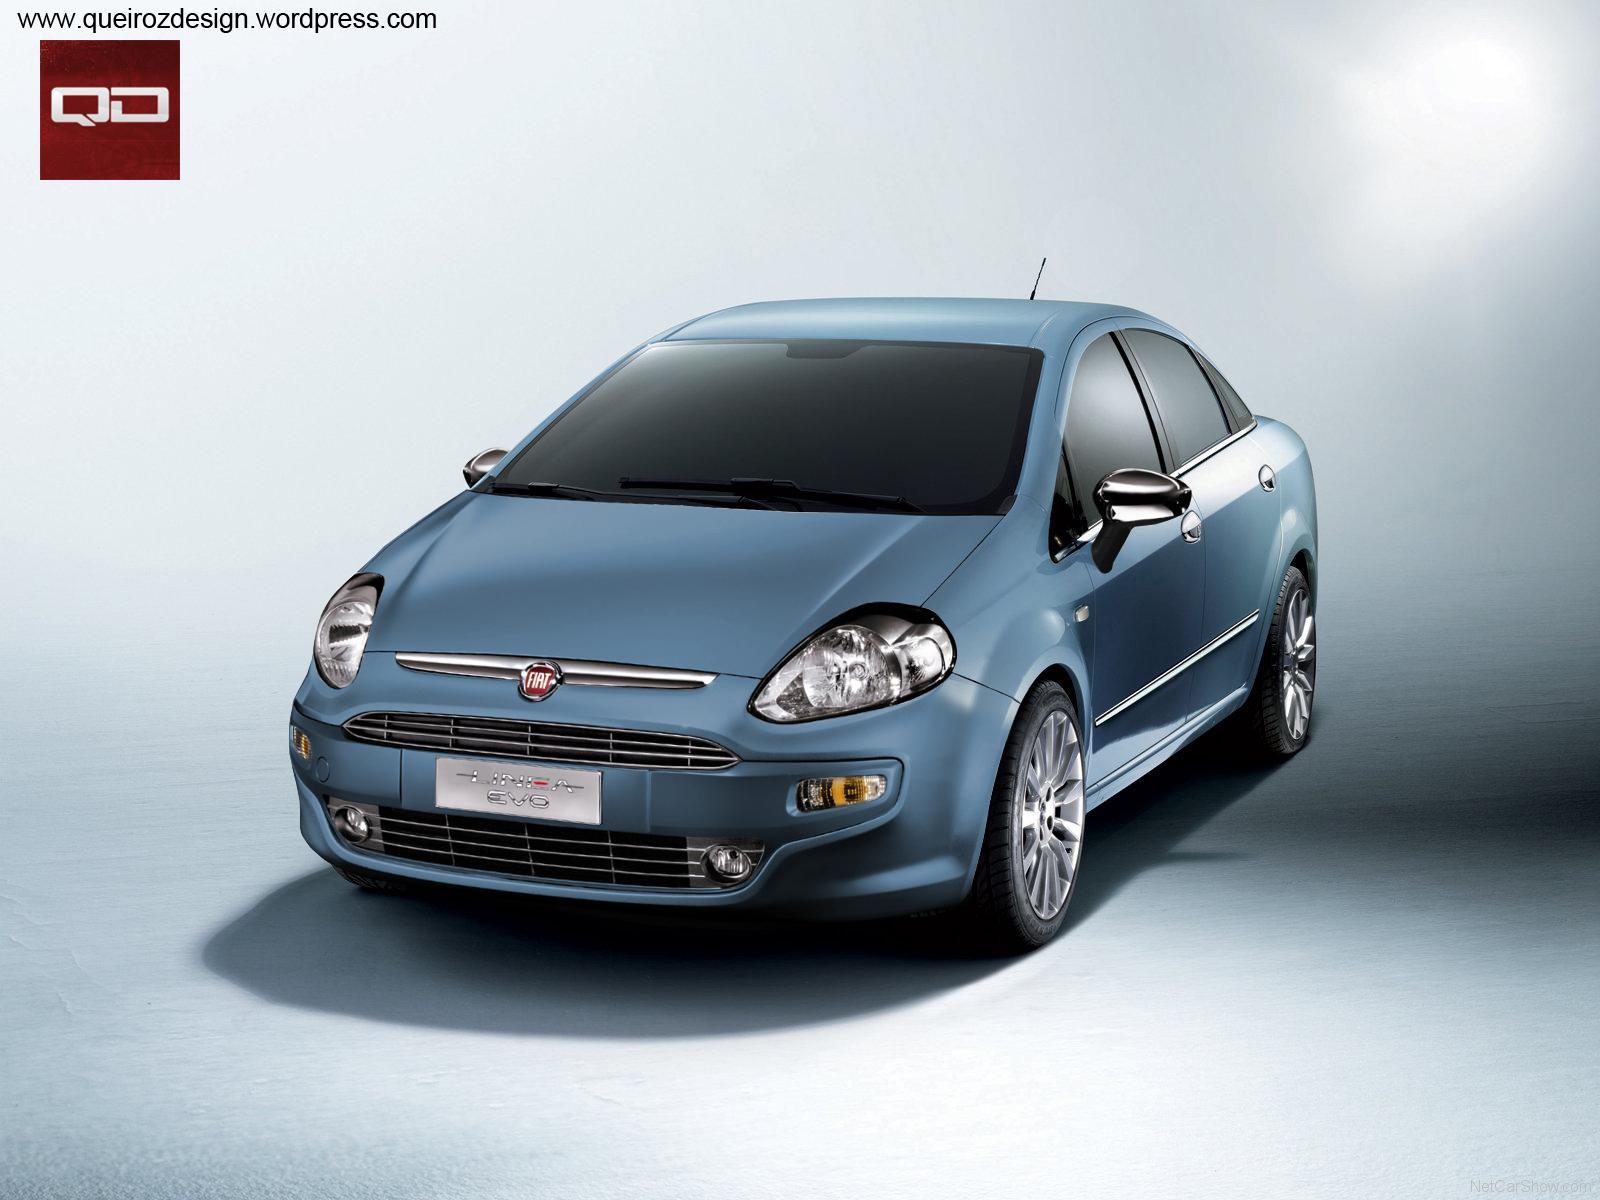 Fiat Punto Sedan Evo - Clique na Imagem para Ampliar